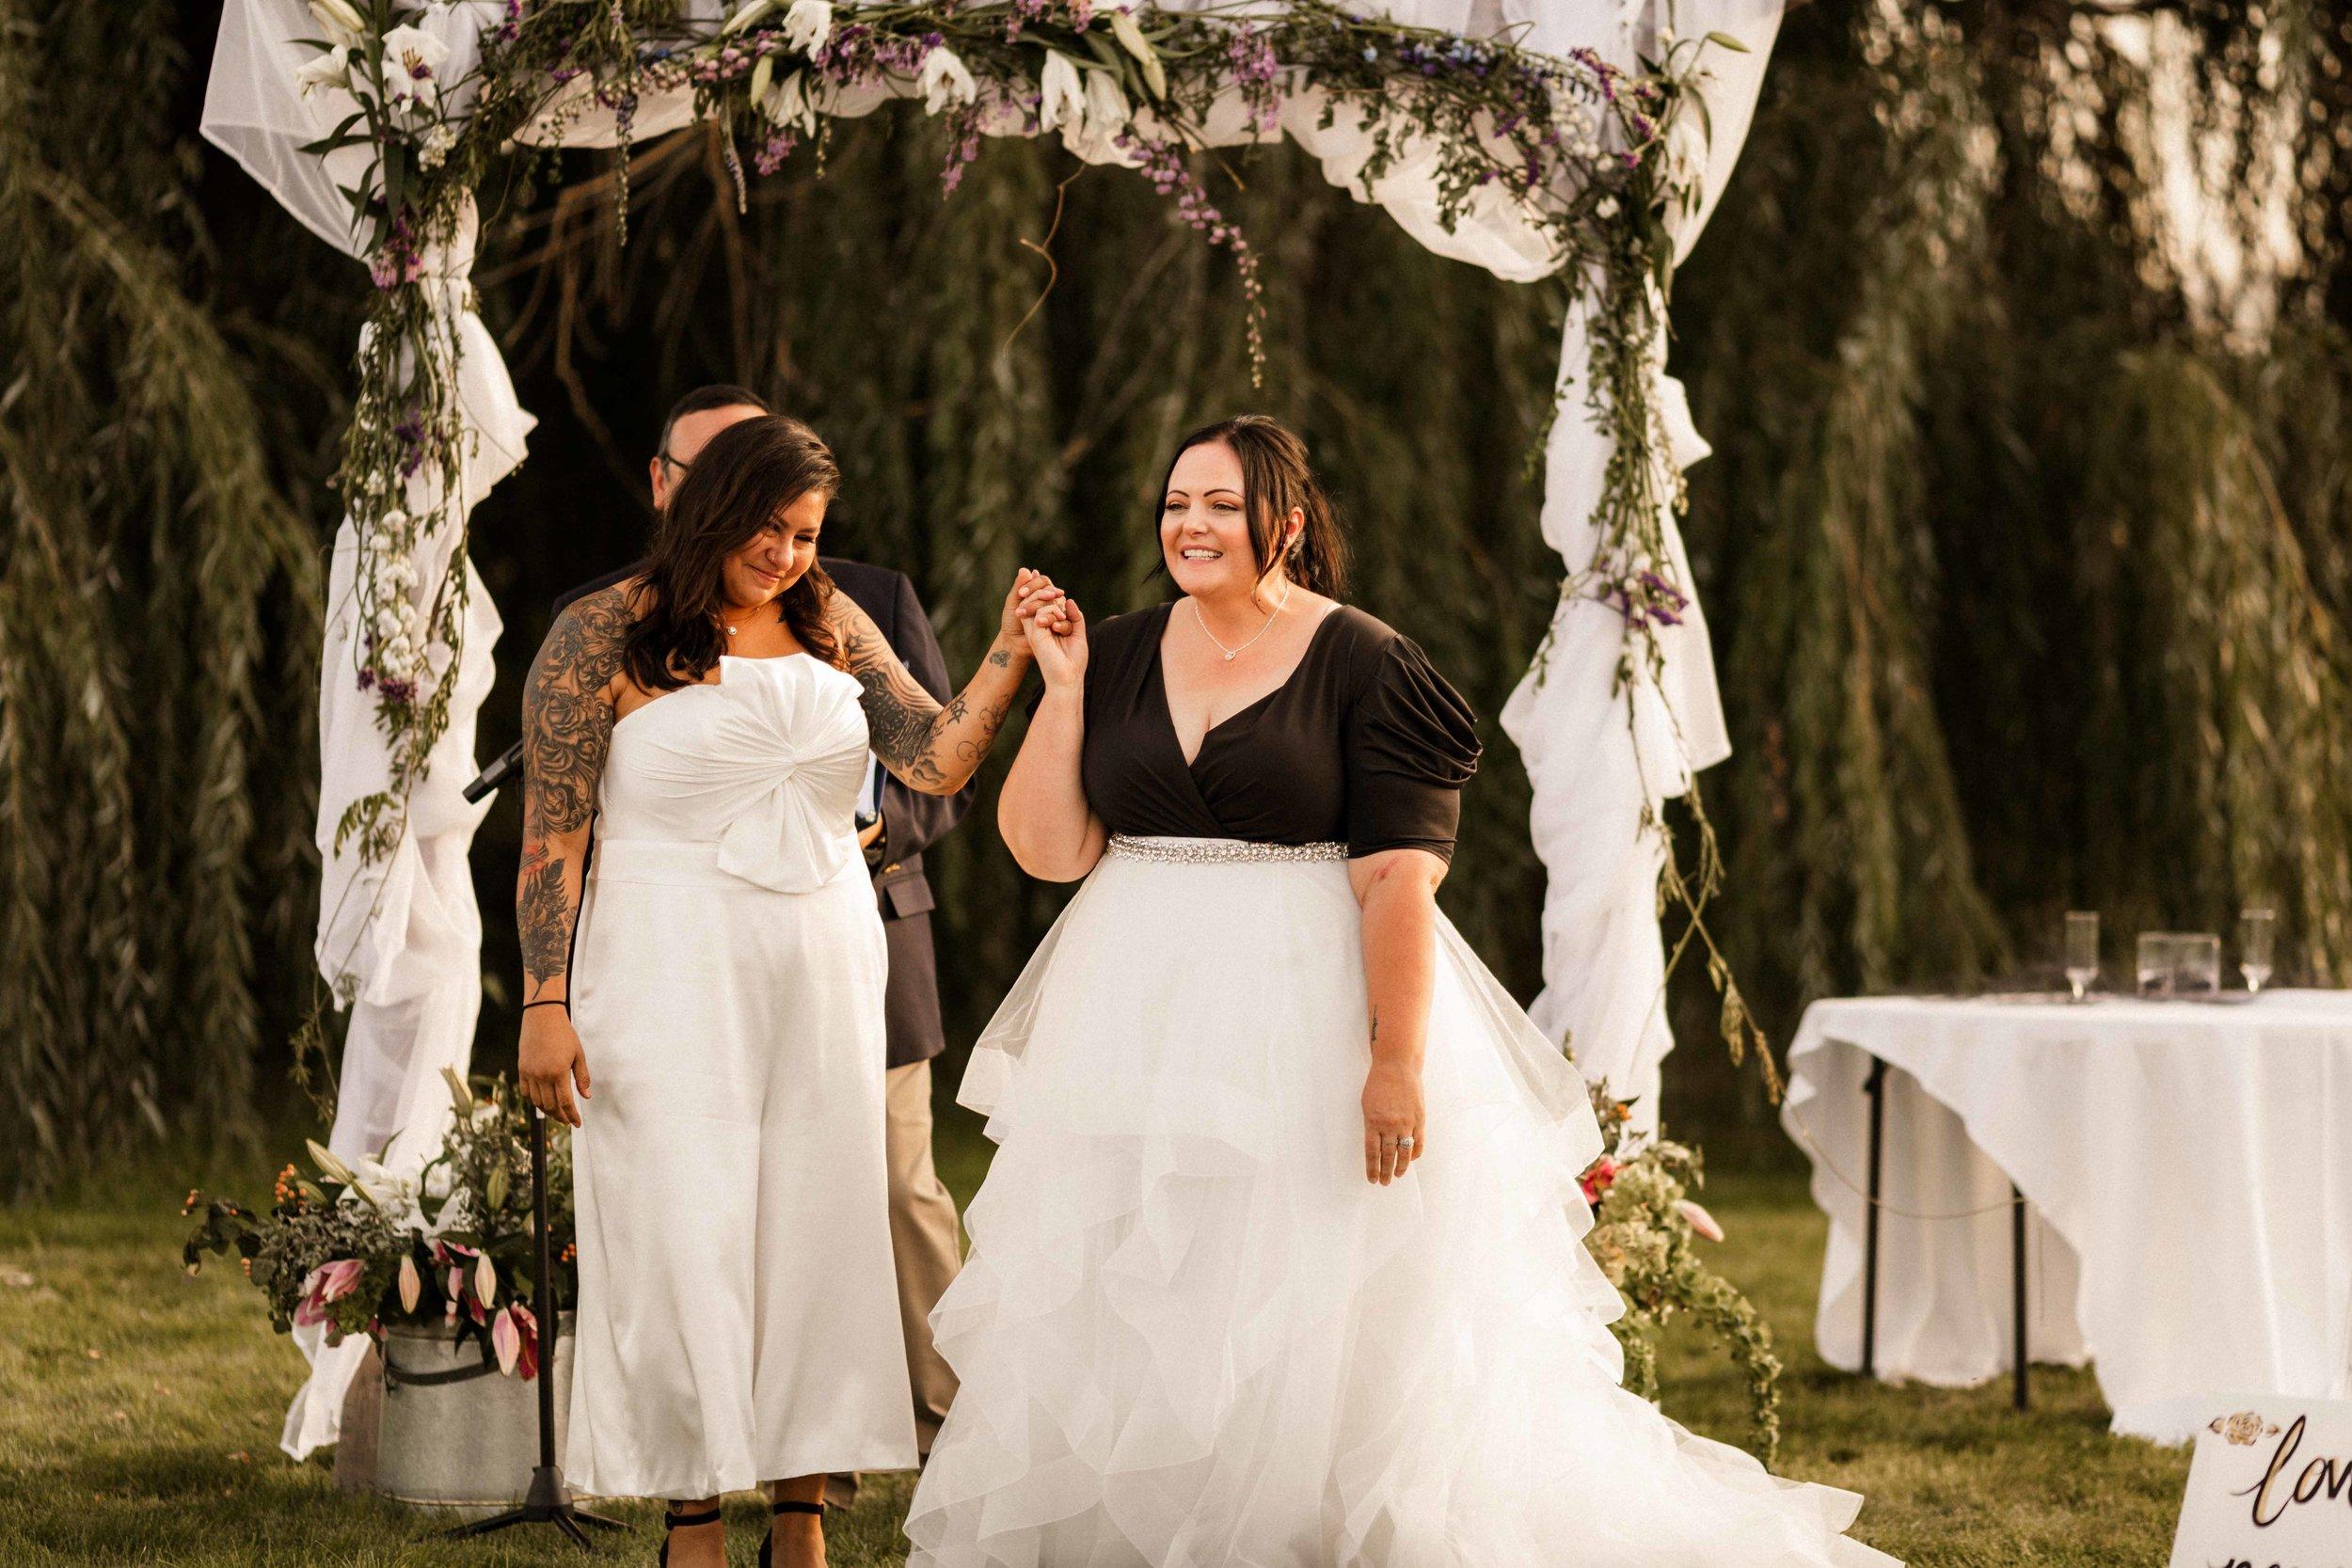 pasco-wedding-photos-22.jpg